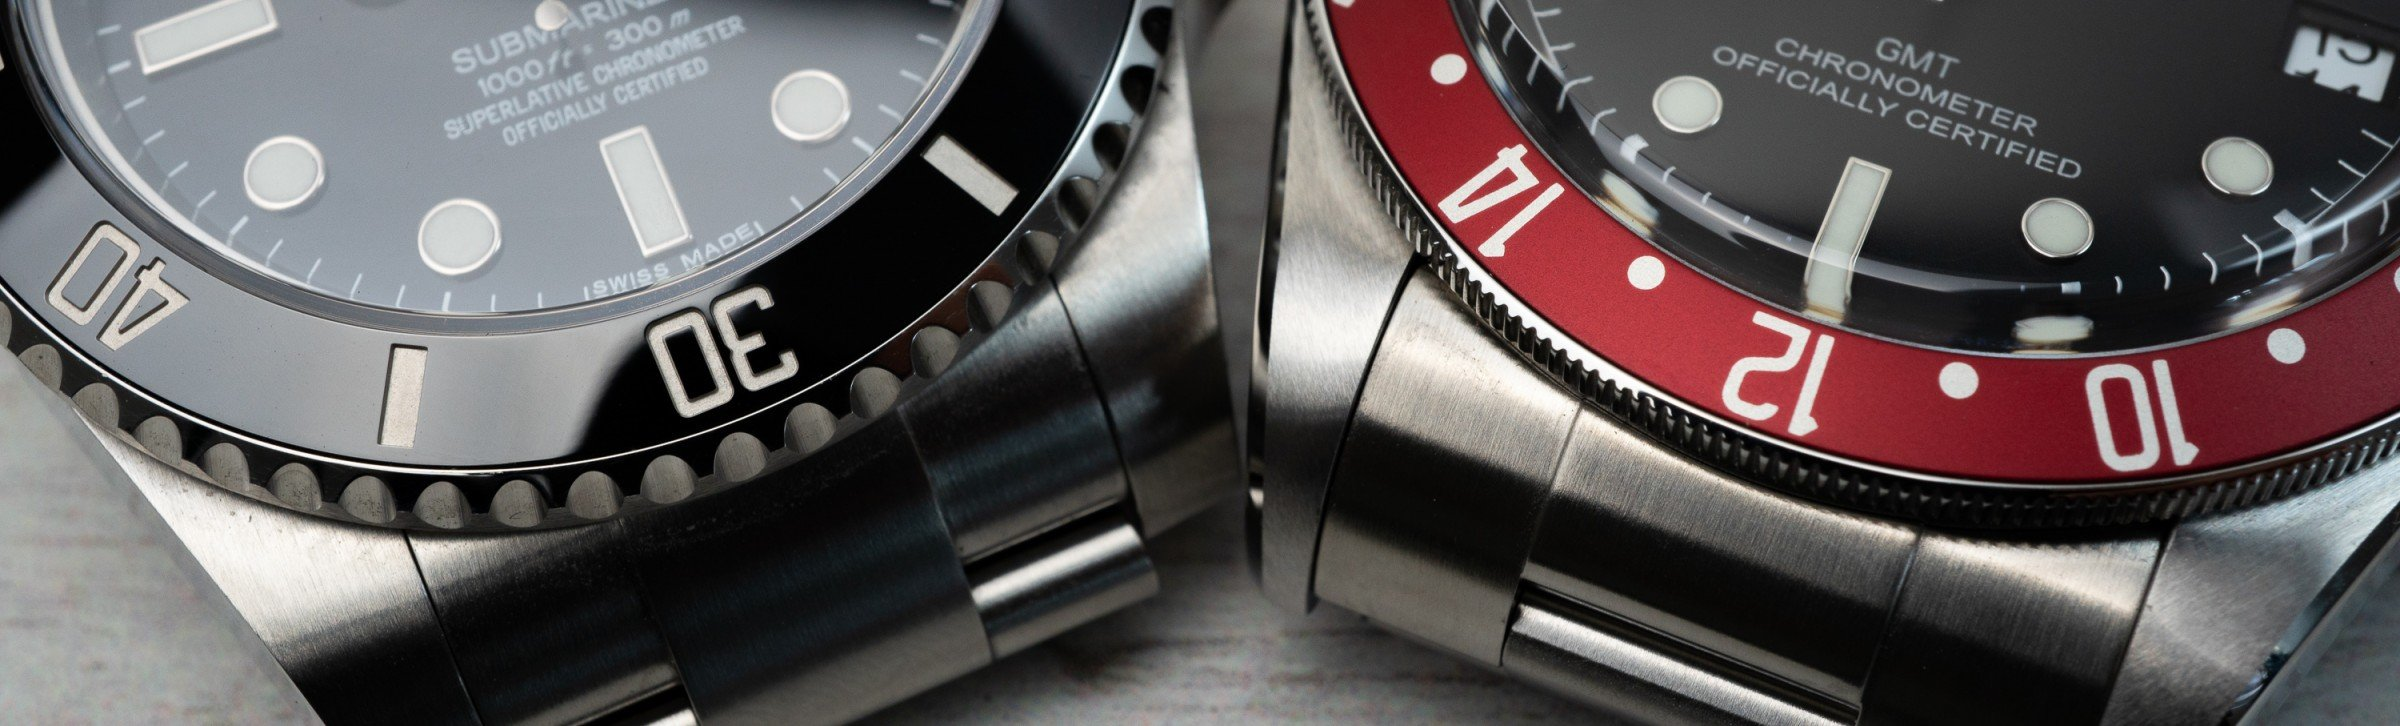 Keramik vs. Aluminium Lünette Rolex Tudor Pepsi GMT